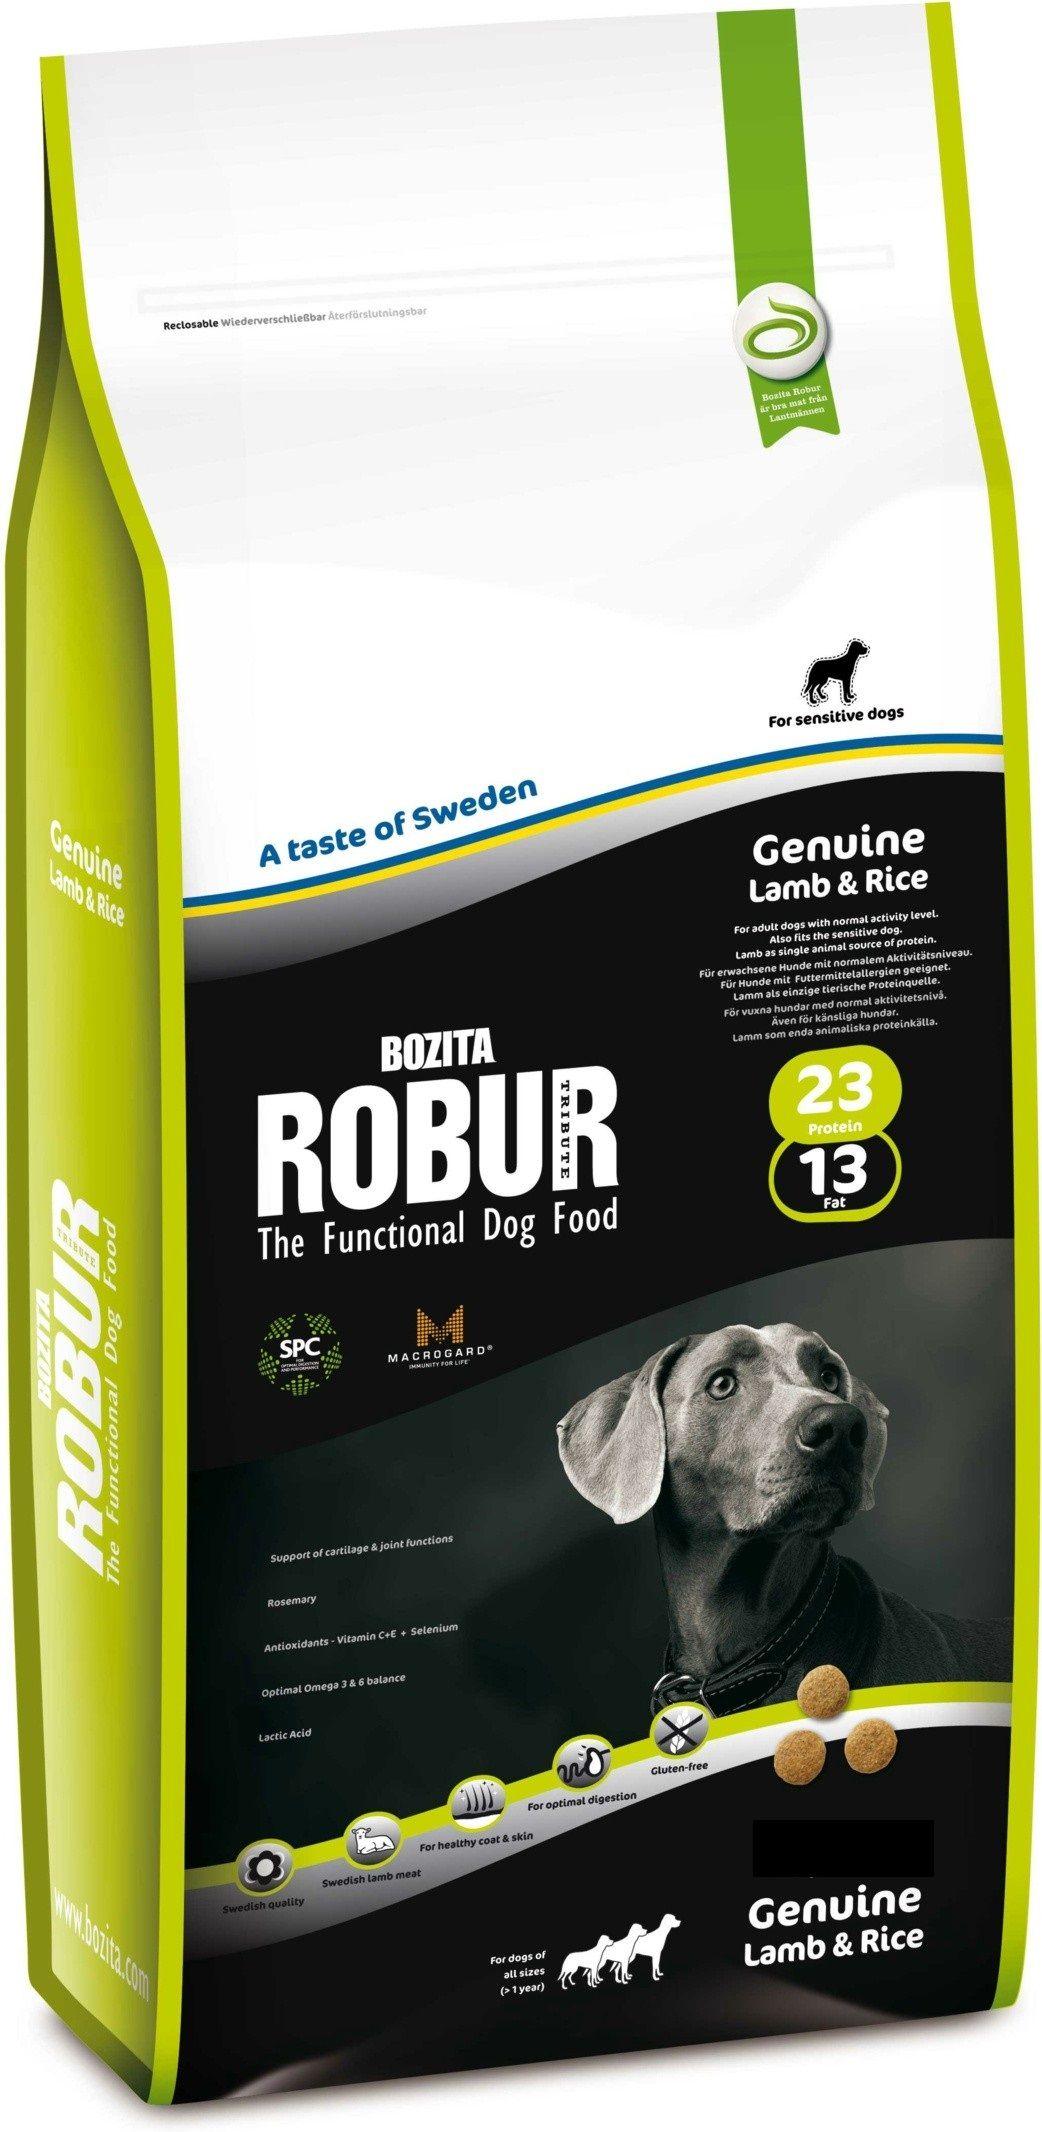 Здесь можно купить Bozita super premium Robur Для собак с рисом и ягненком (Lamb&Rice 23/13) 2кг  Bozita super premium Robur Для собак с рисом и ягненком (Lamb&Rice 23/13) 2кг